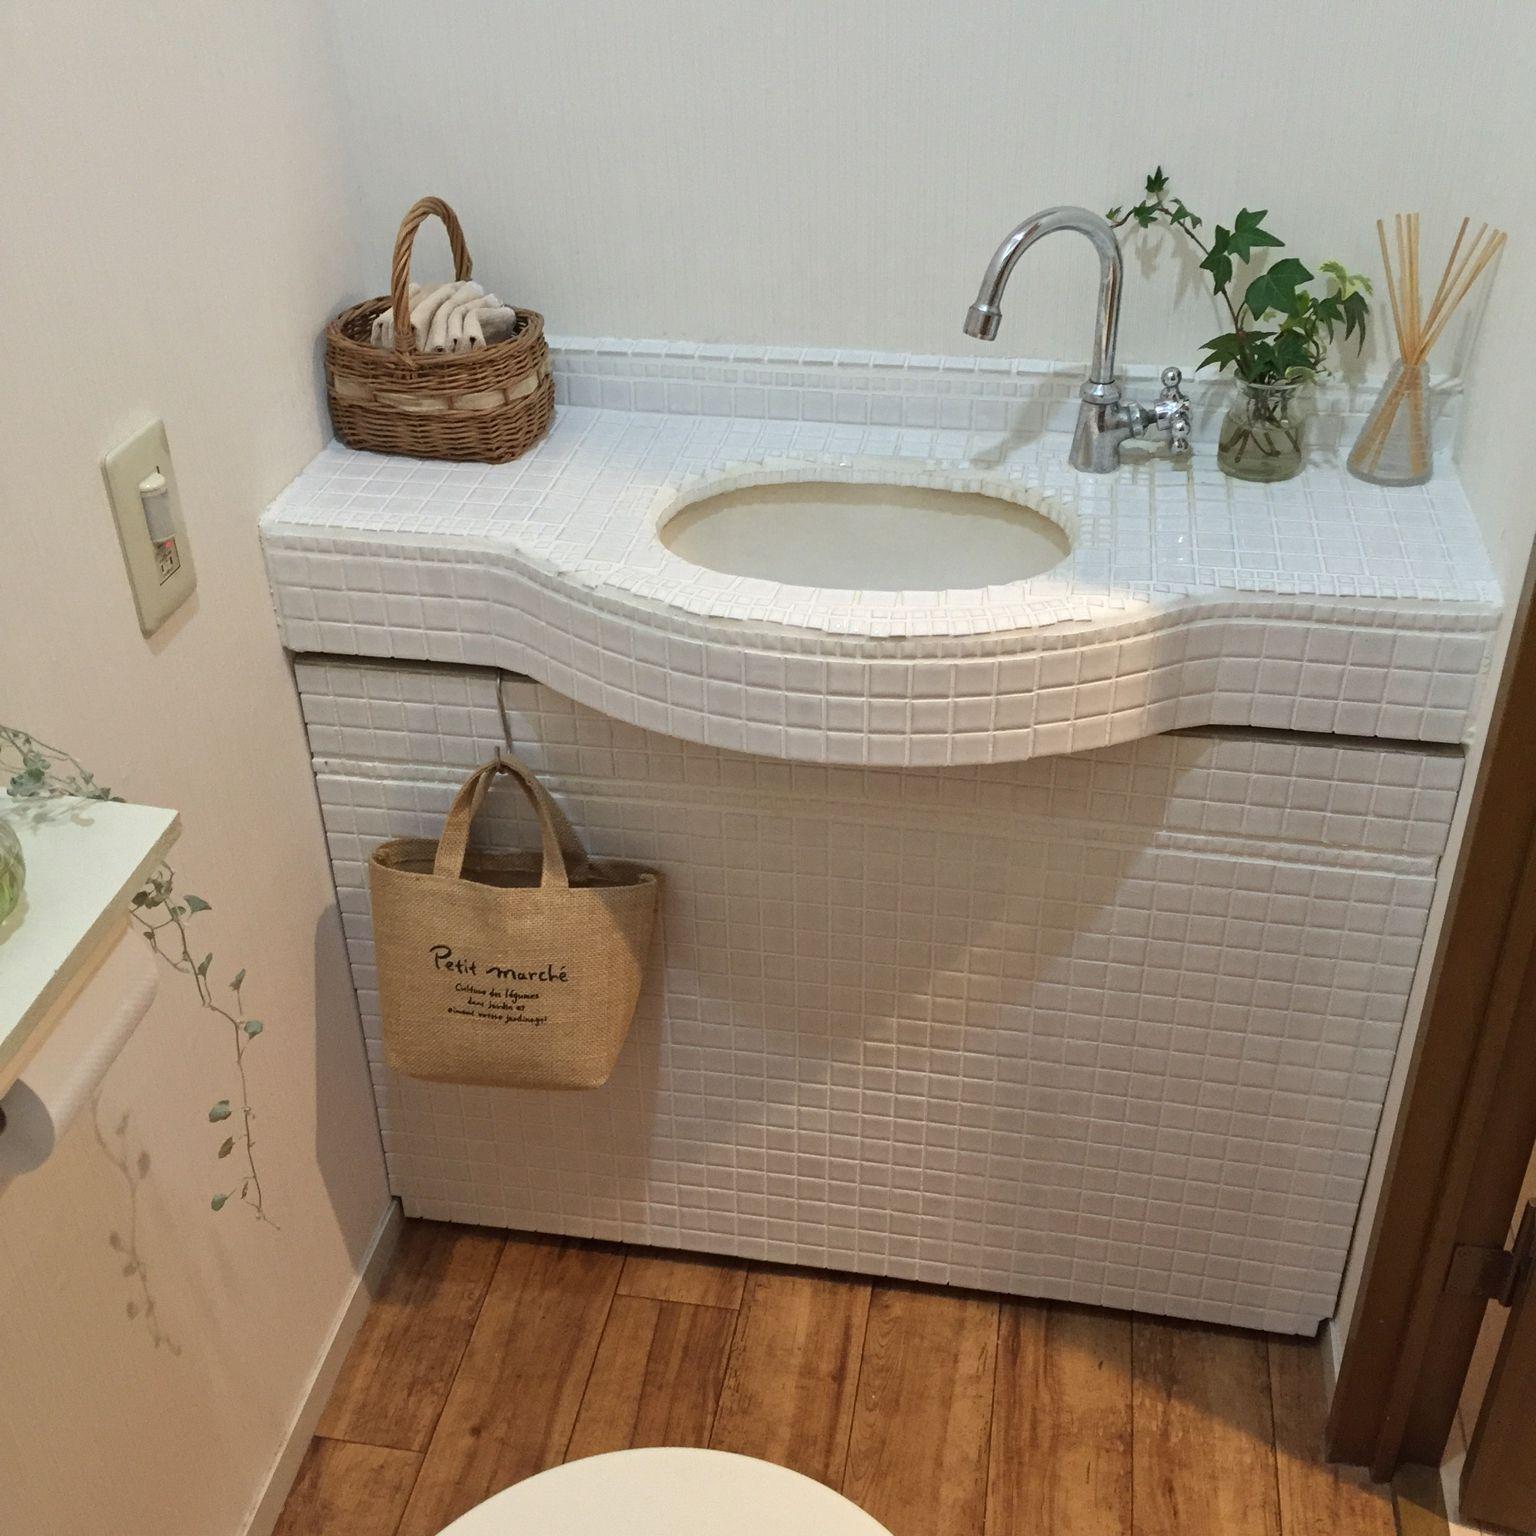 バス トイレ モザイクタイル トイレ Diyのインテリア実例 2016 03 14